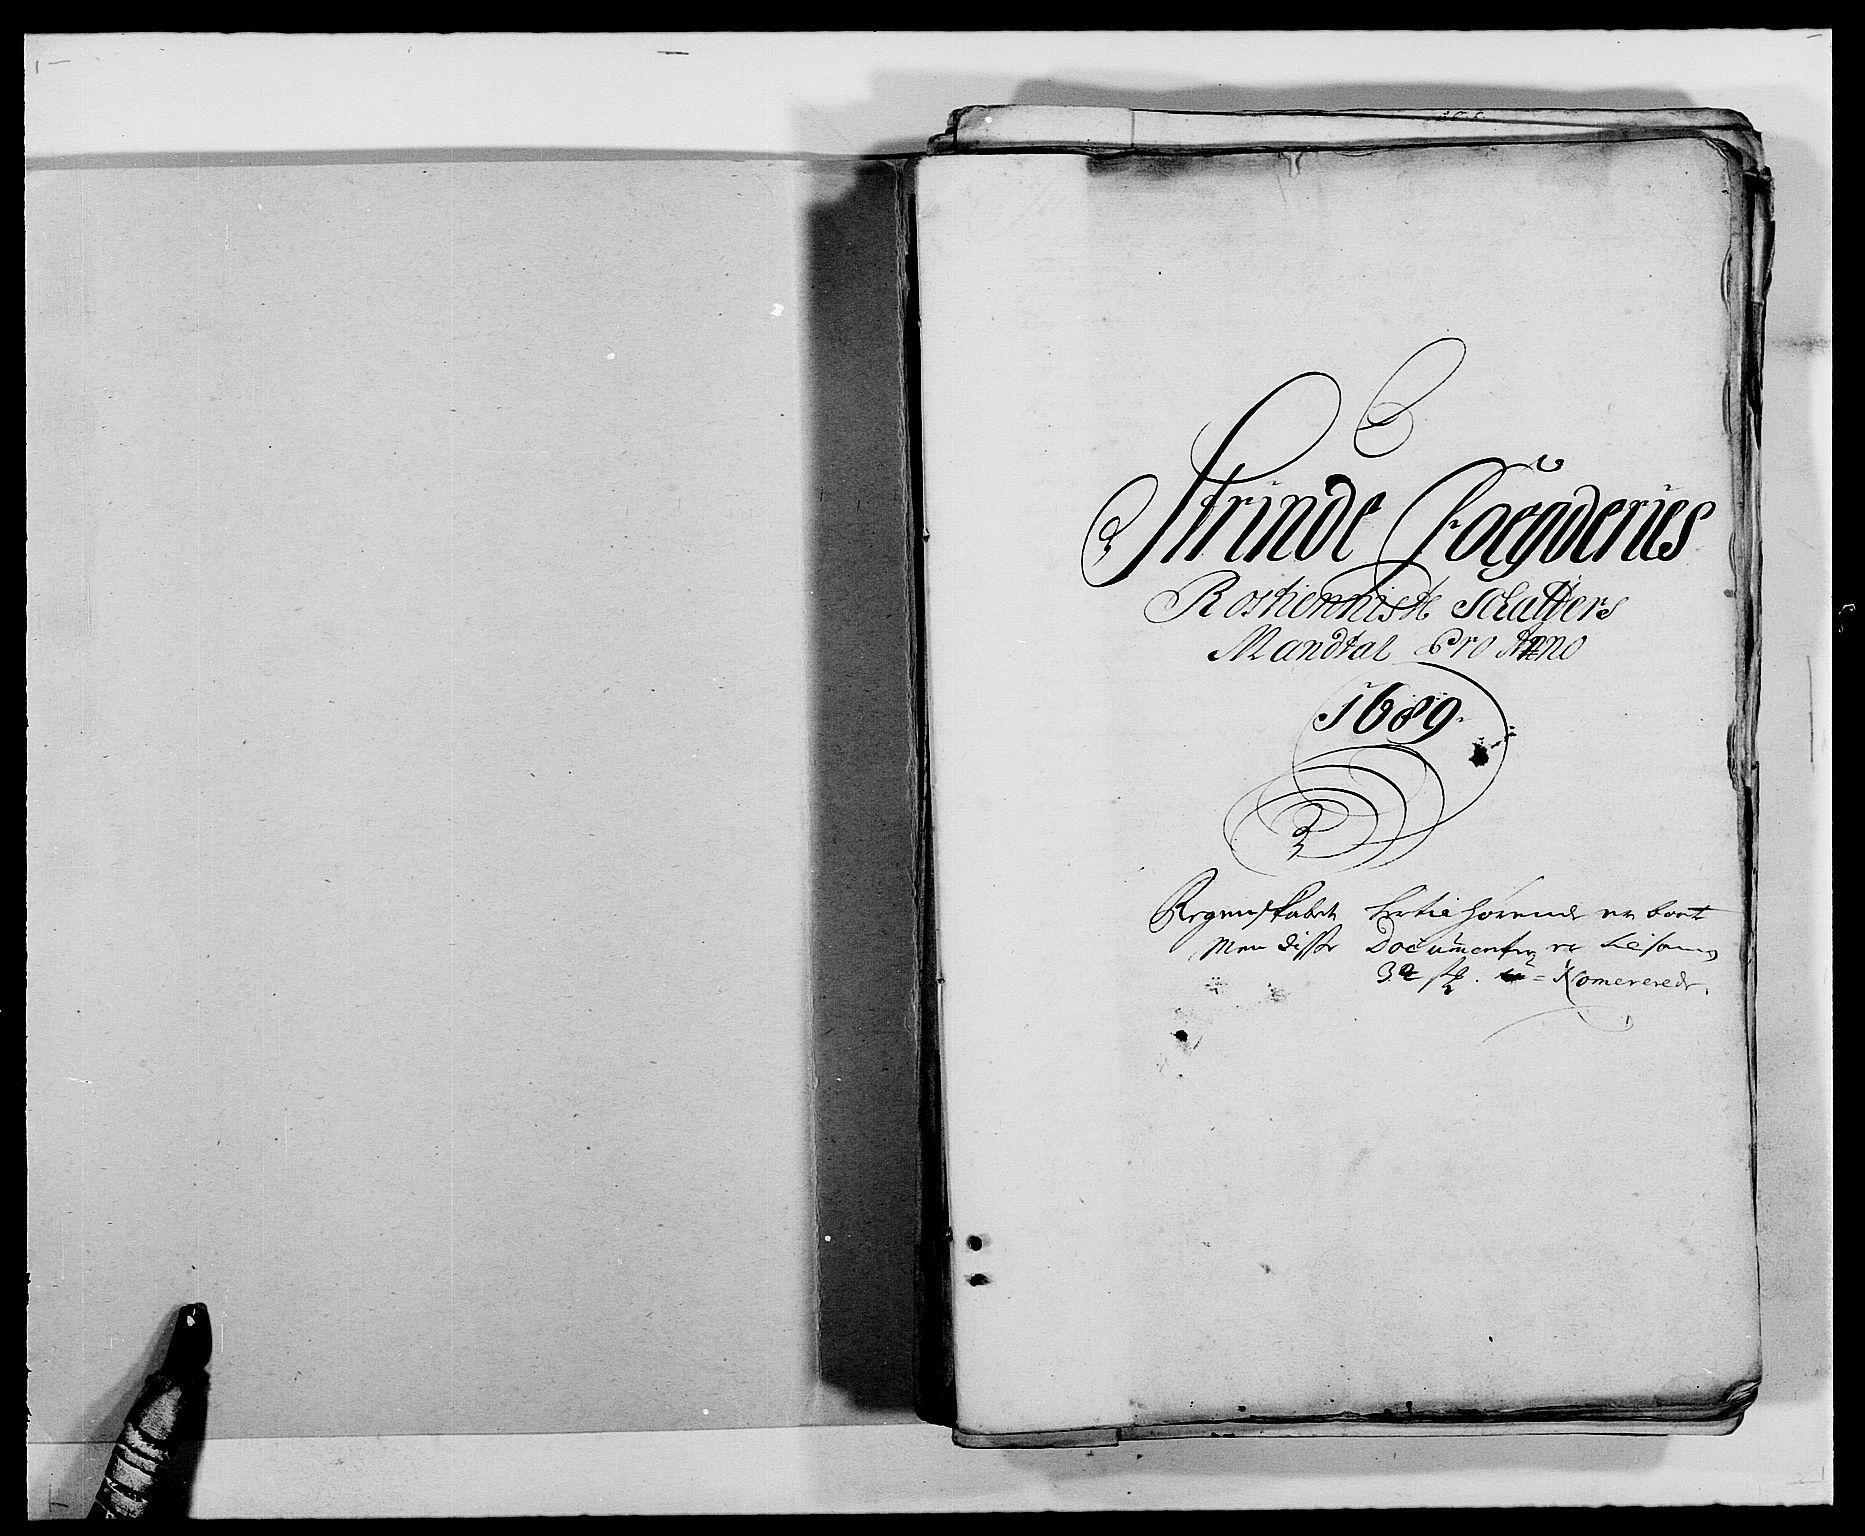 RA, Rentekammeret inntil 1814, Reviderte regnskaper, Fogderegnskap, R61/L4102: Fogderegnskap Strinda og Selbu, 1689-1690, s. 2